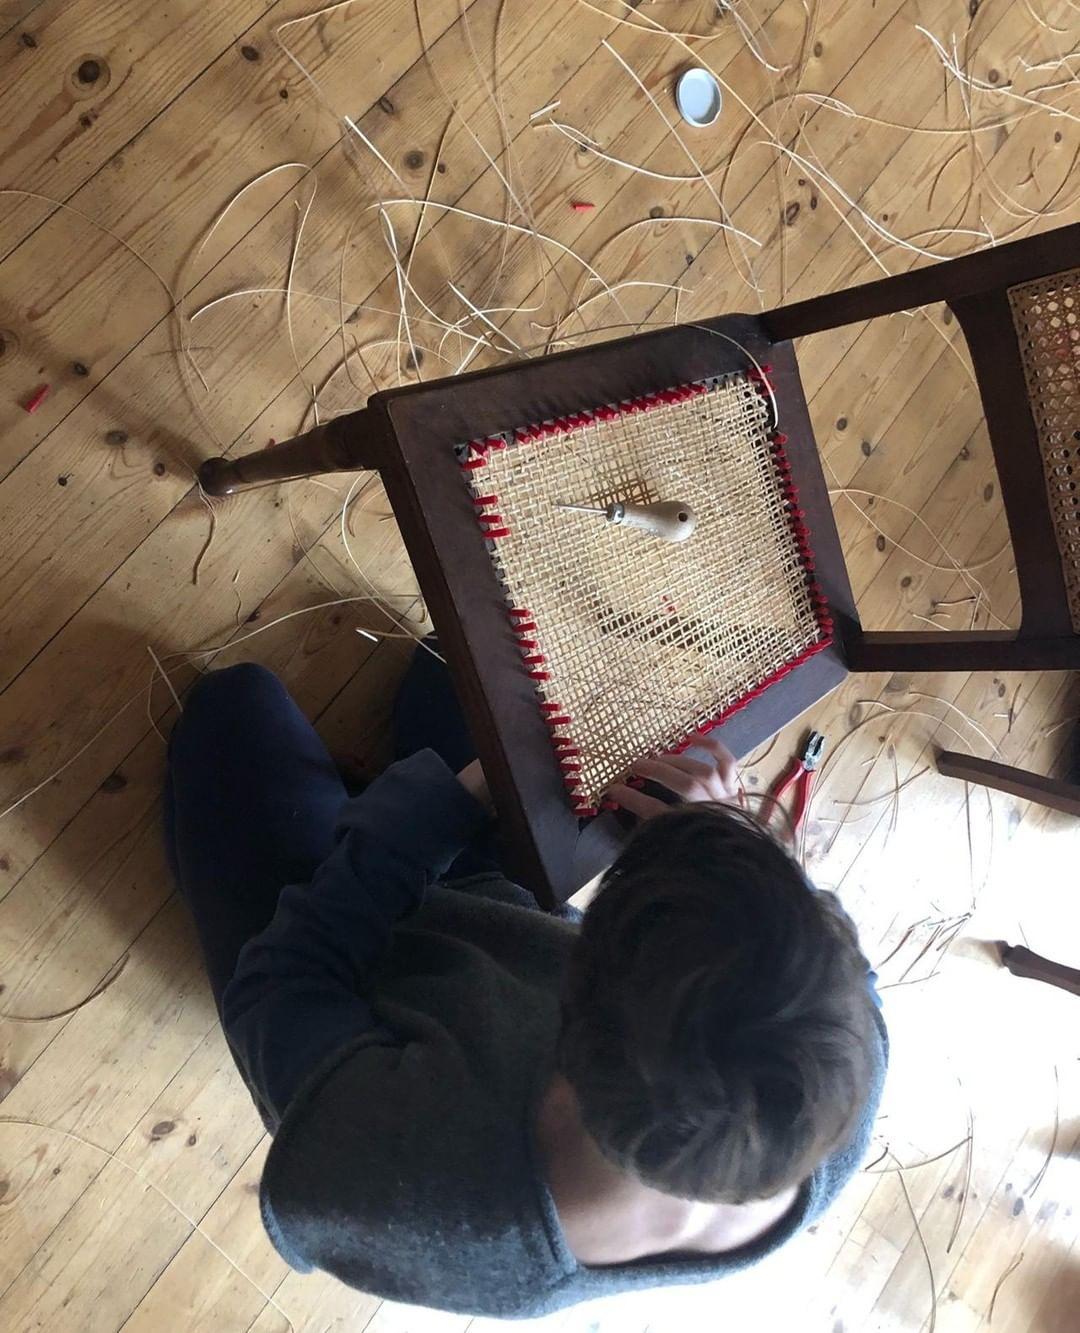 restoringchairs